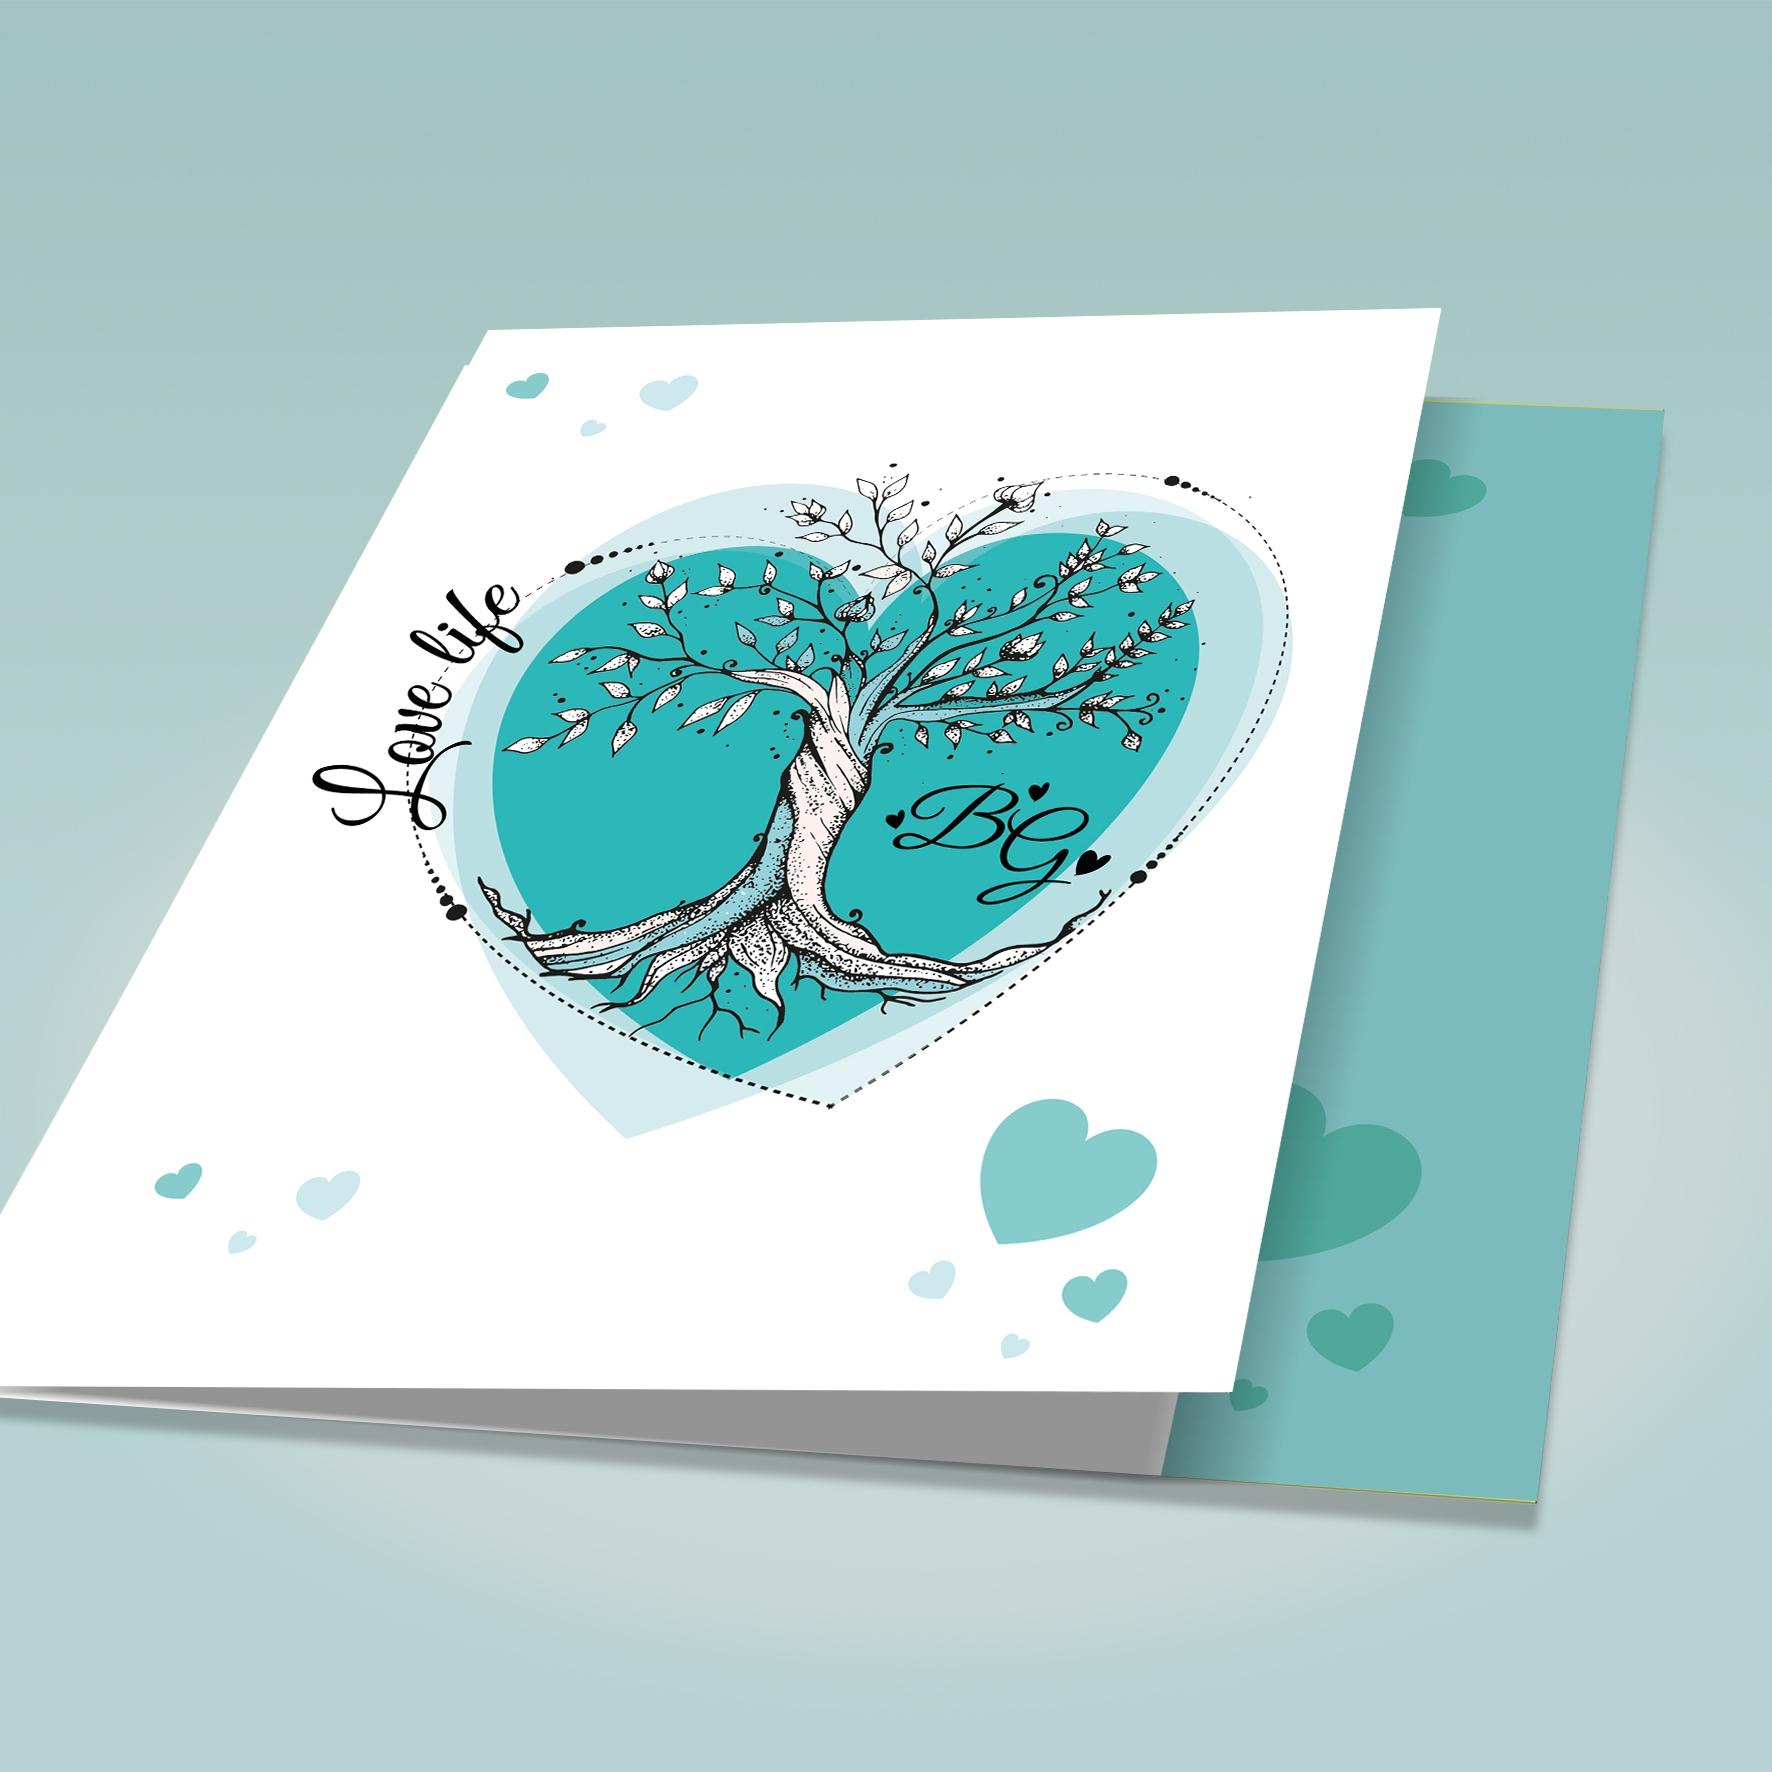 Partecipazioni Matrimonio Tiffany On Line.Partecipazione Matrimonio Albero Della Vita Verde Tiffany